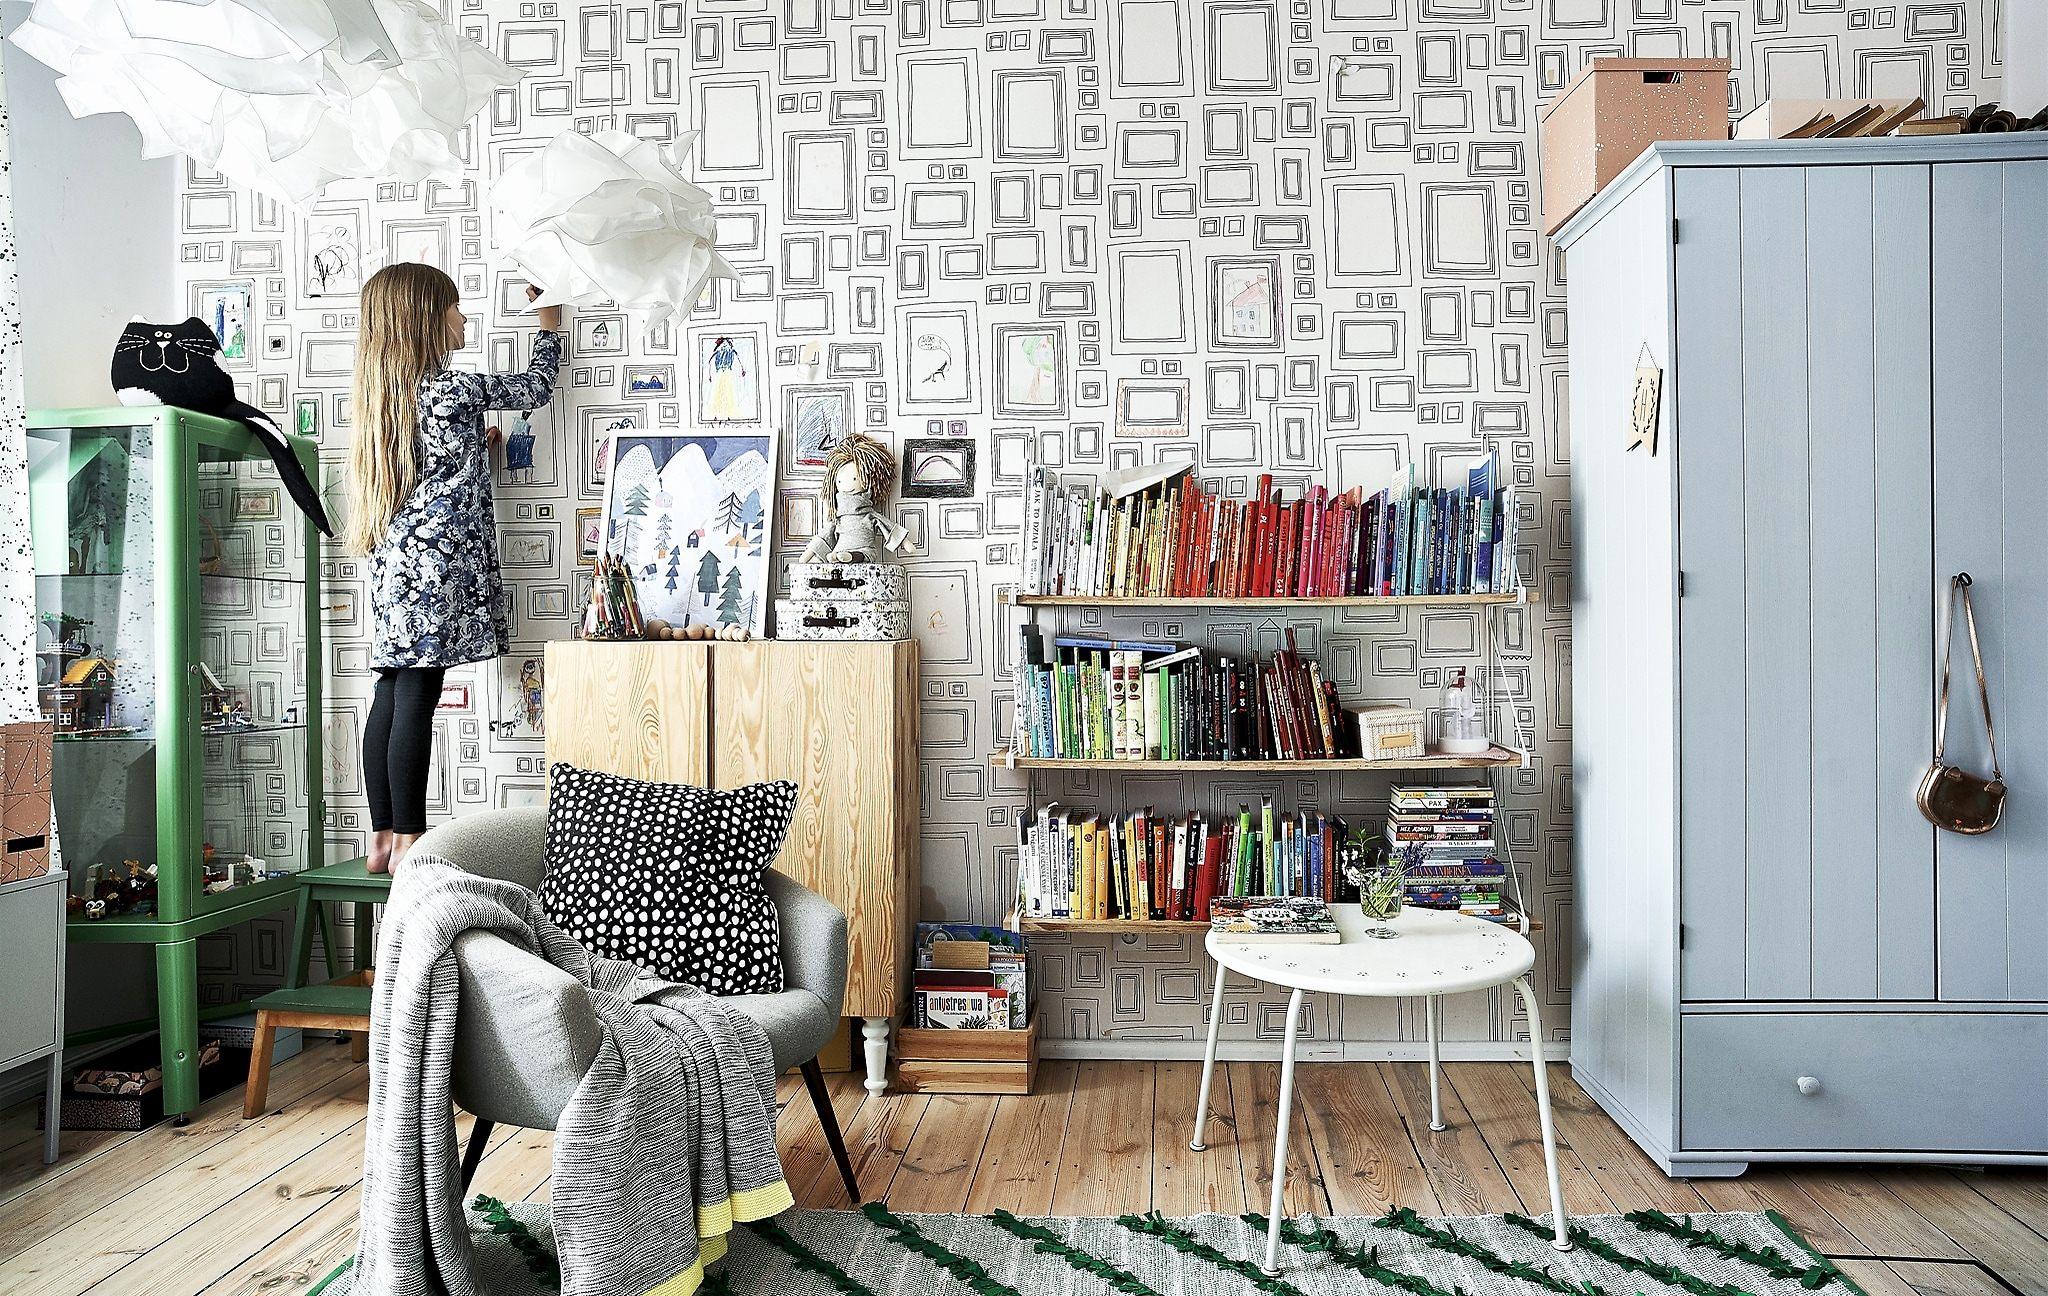 Lit Escamotable Pas Cher Ikea Inspiré Lit Escamotable Plafond Ikea Meilleur De Lit Abattant Ikea 22